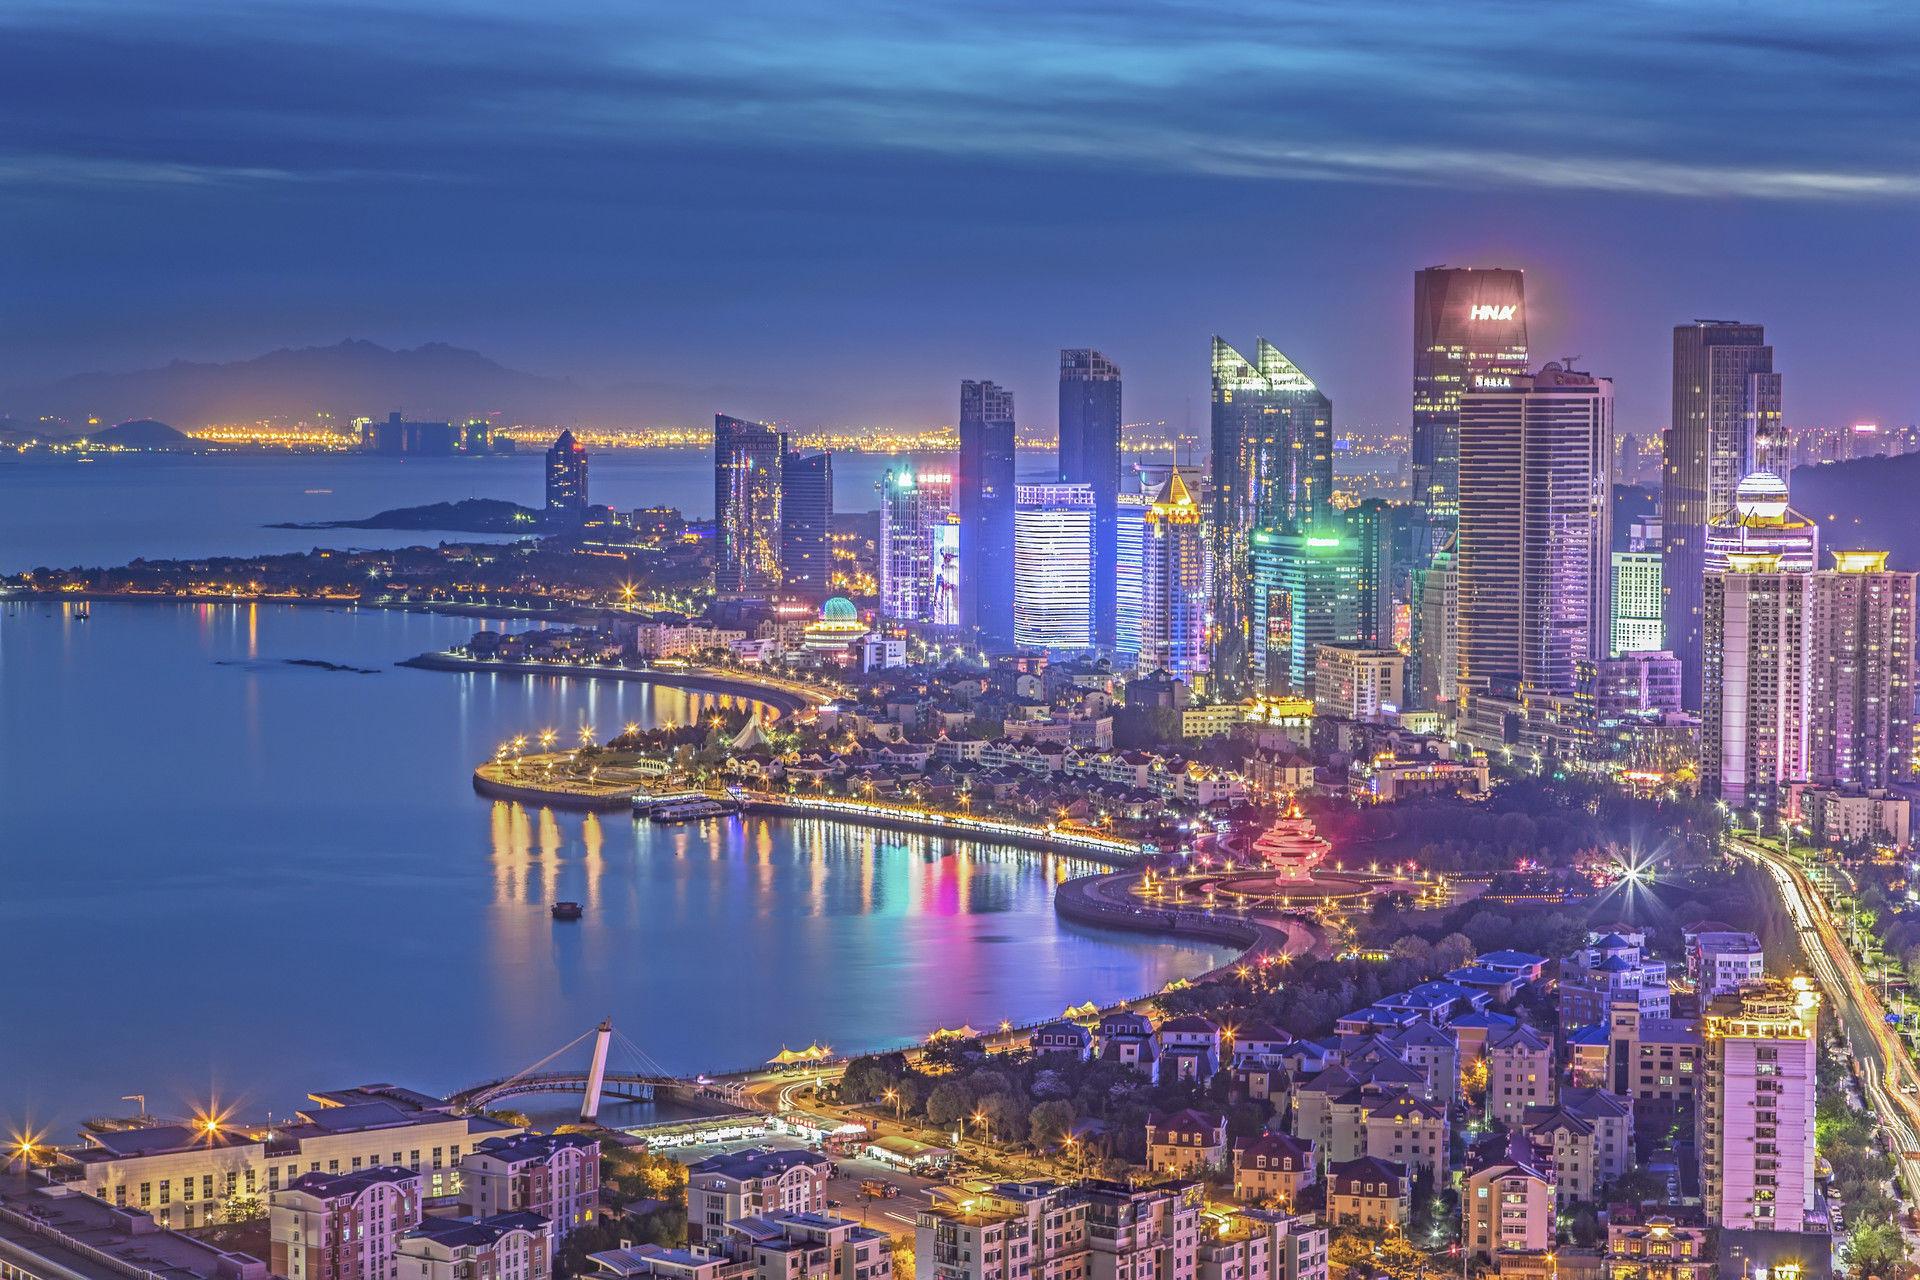 新闻资讯_首届全国夜间经济十佳城市发布 青岛入围两榜单_青岛频道_凤凰网